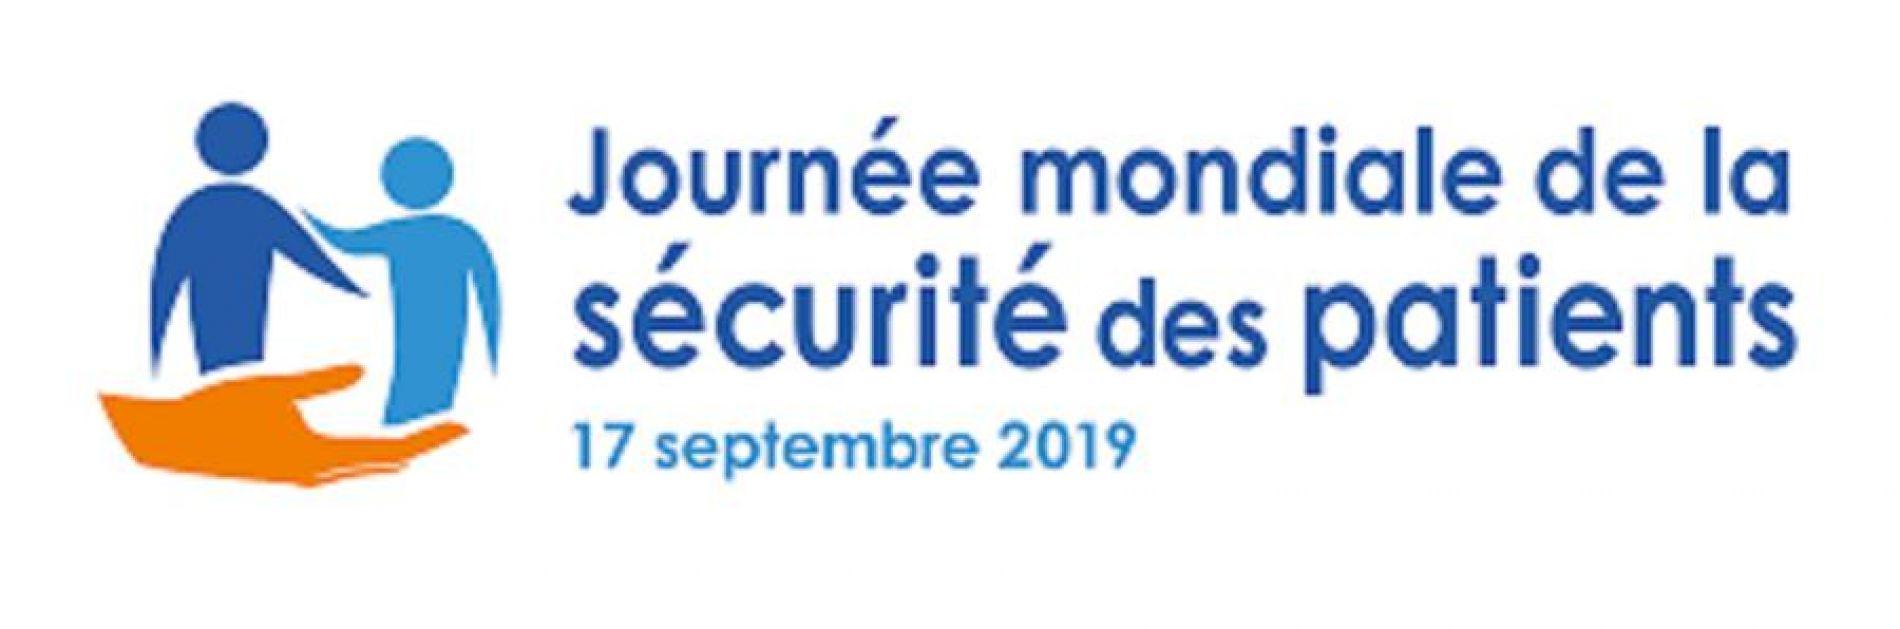 Journée Mondiale de la sécurité des patients : 17 septembre 2019